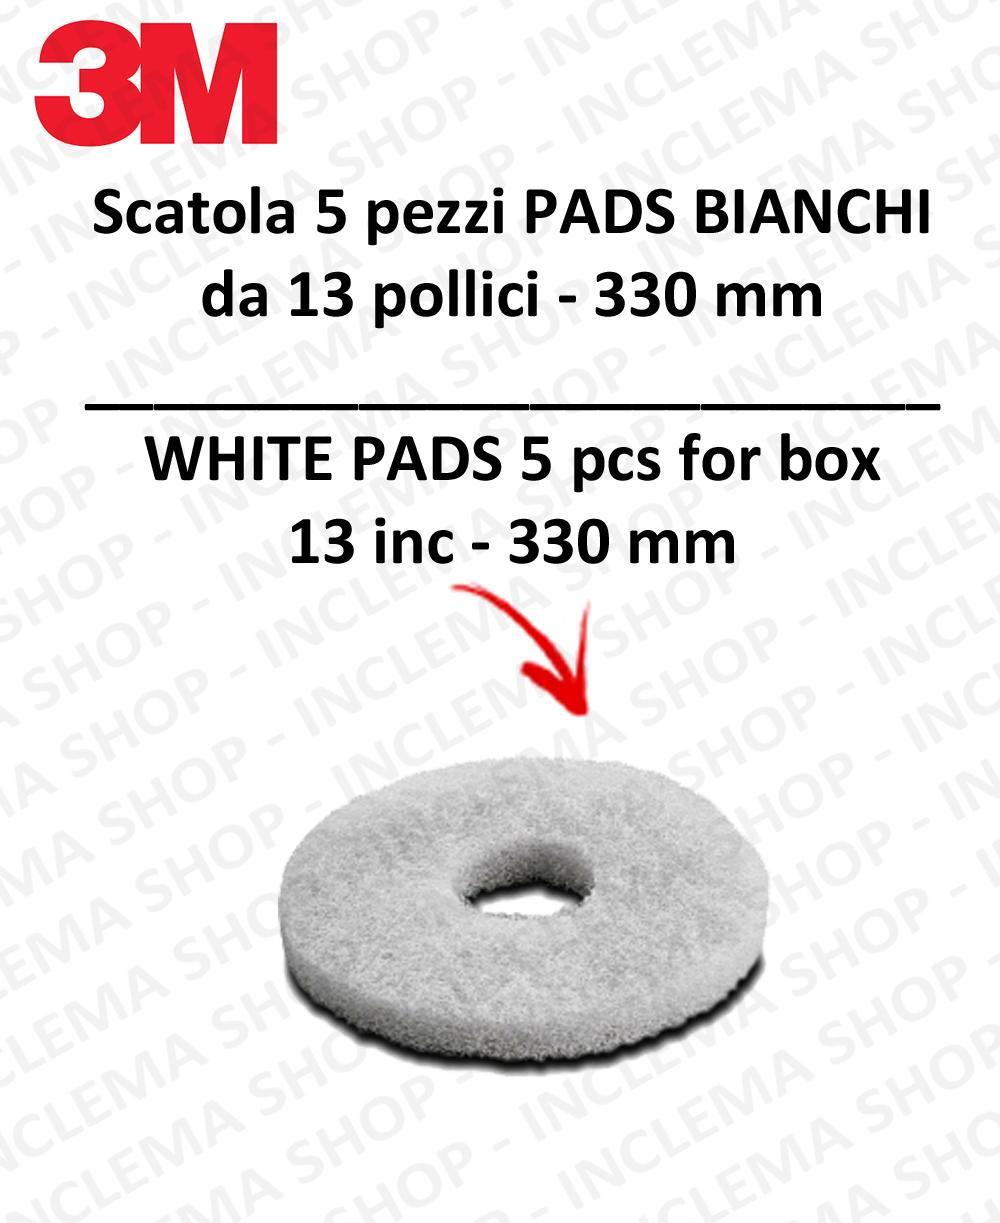 Weiß Maschinenpads 3M 5 Stücke für Scheuersaugmaschinen und Einscheibenmaschinen 13.0 zoll 330 mm